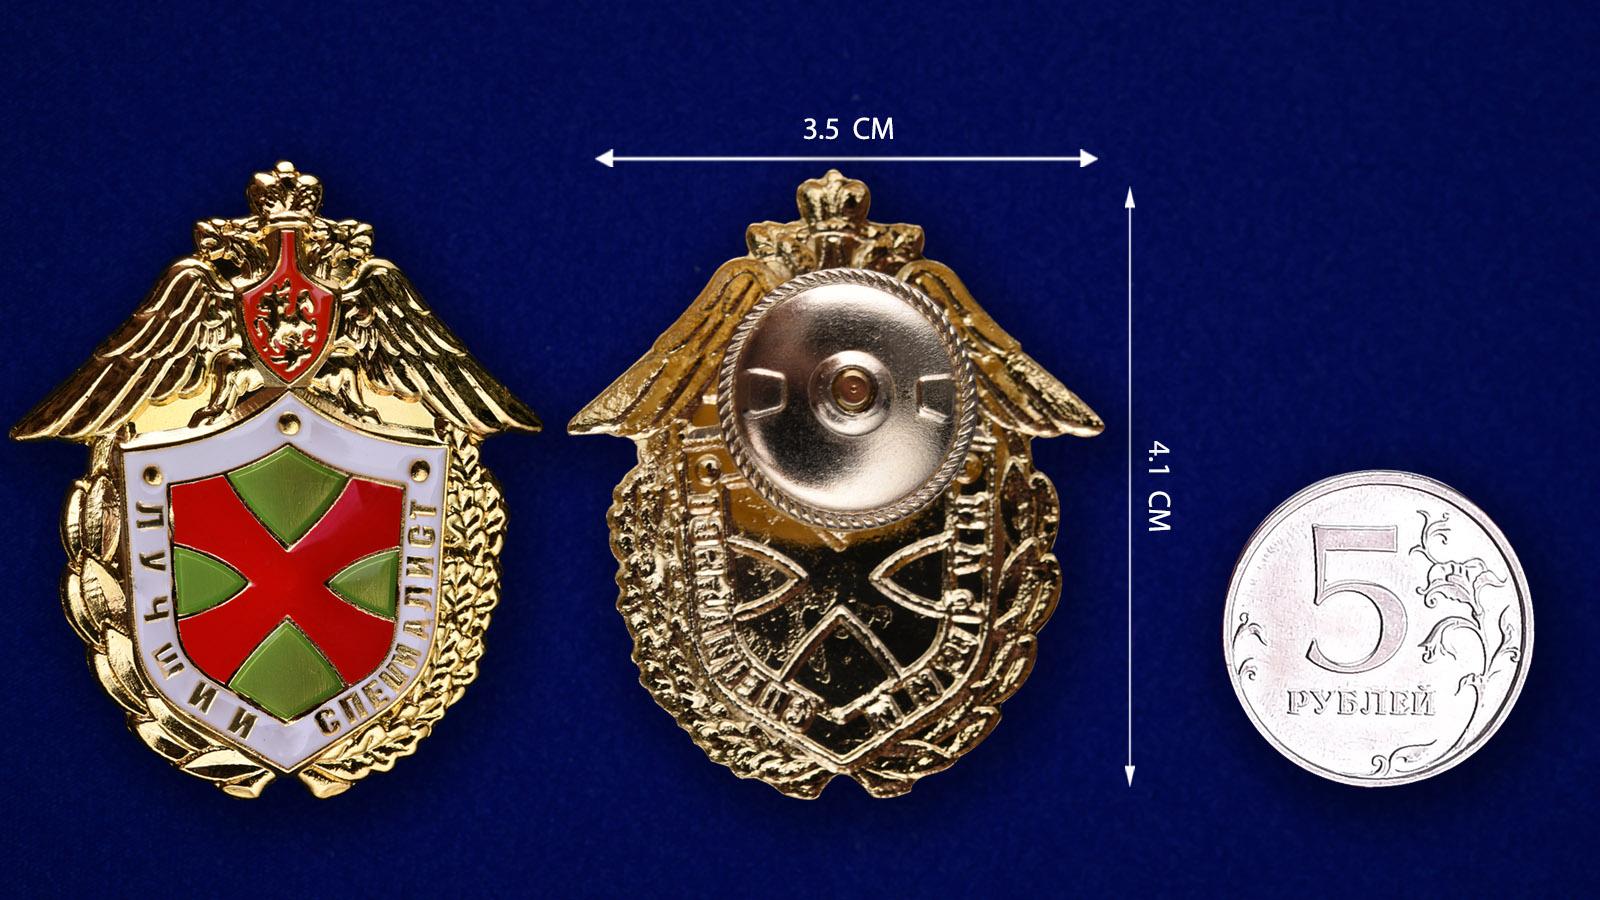 Знак «Лучший специалист» ФПС РФ - сравнительный размер